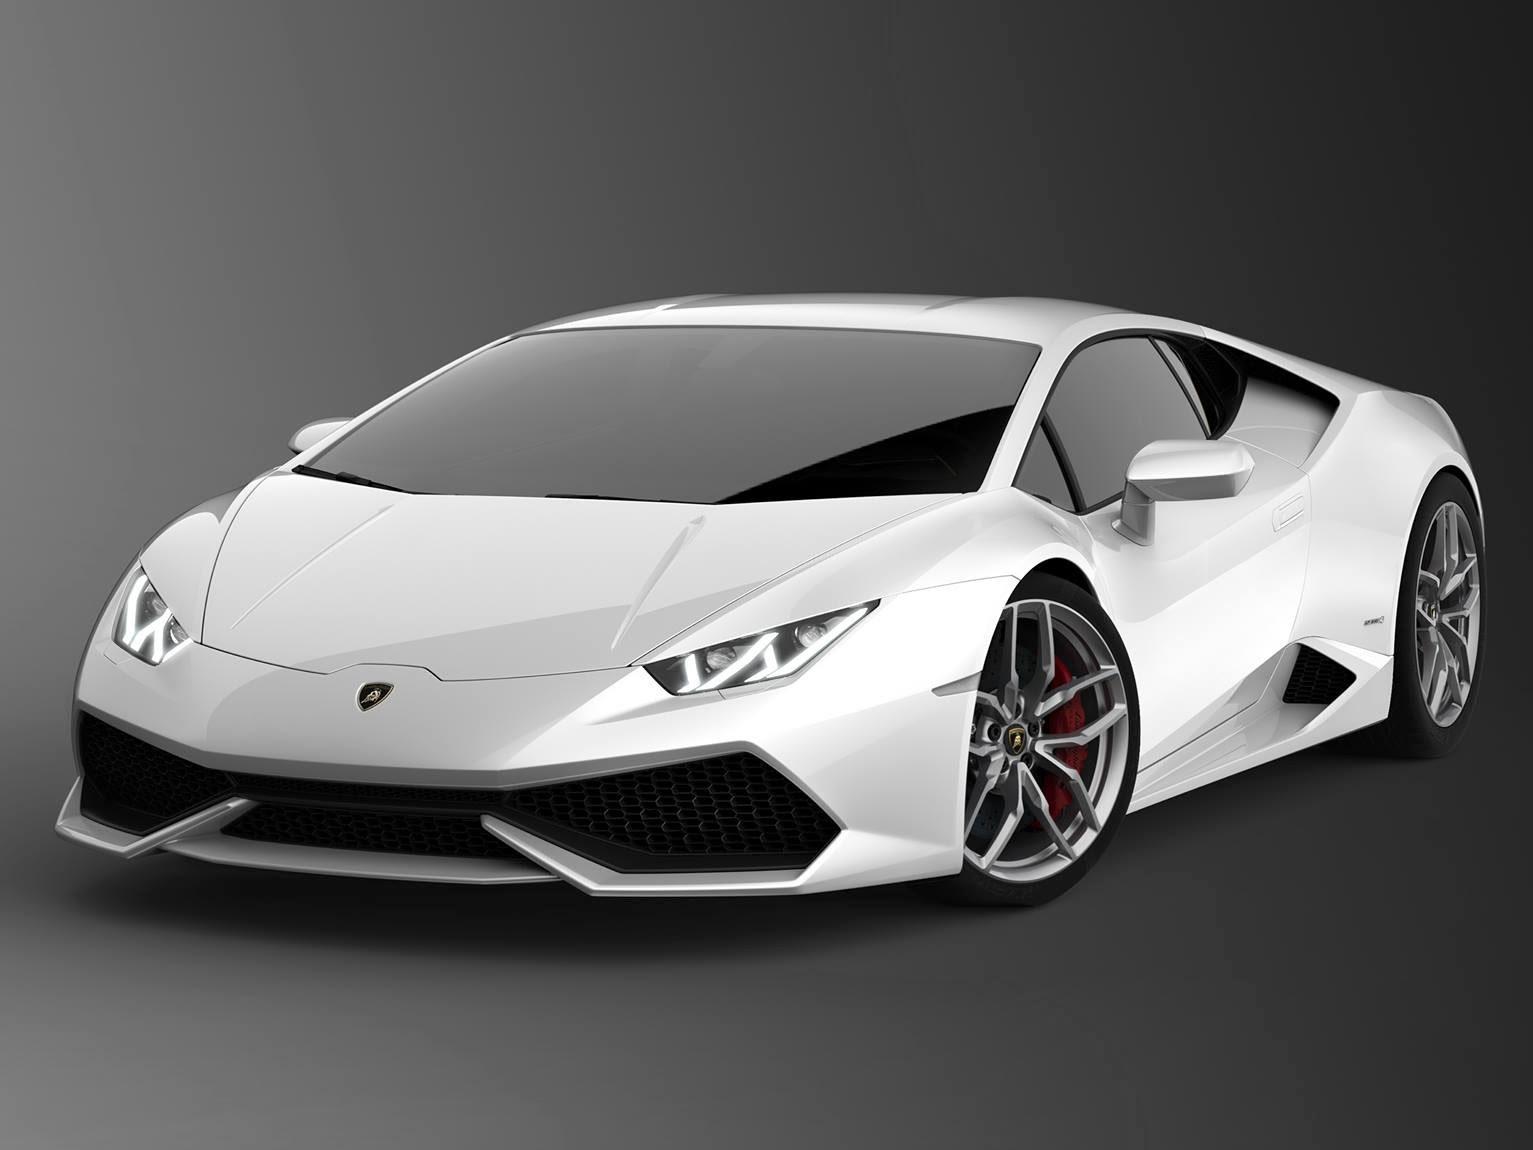 2015 New Lamborghini Huracan LP 610-4